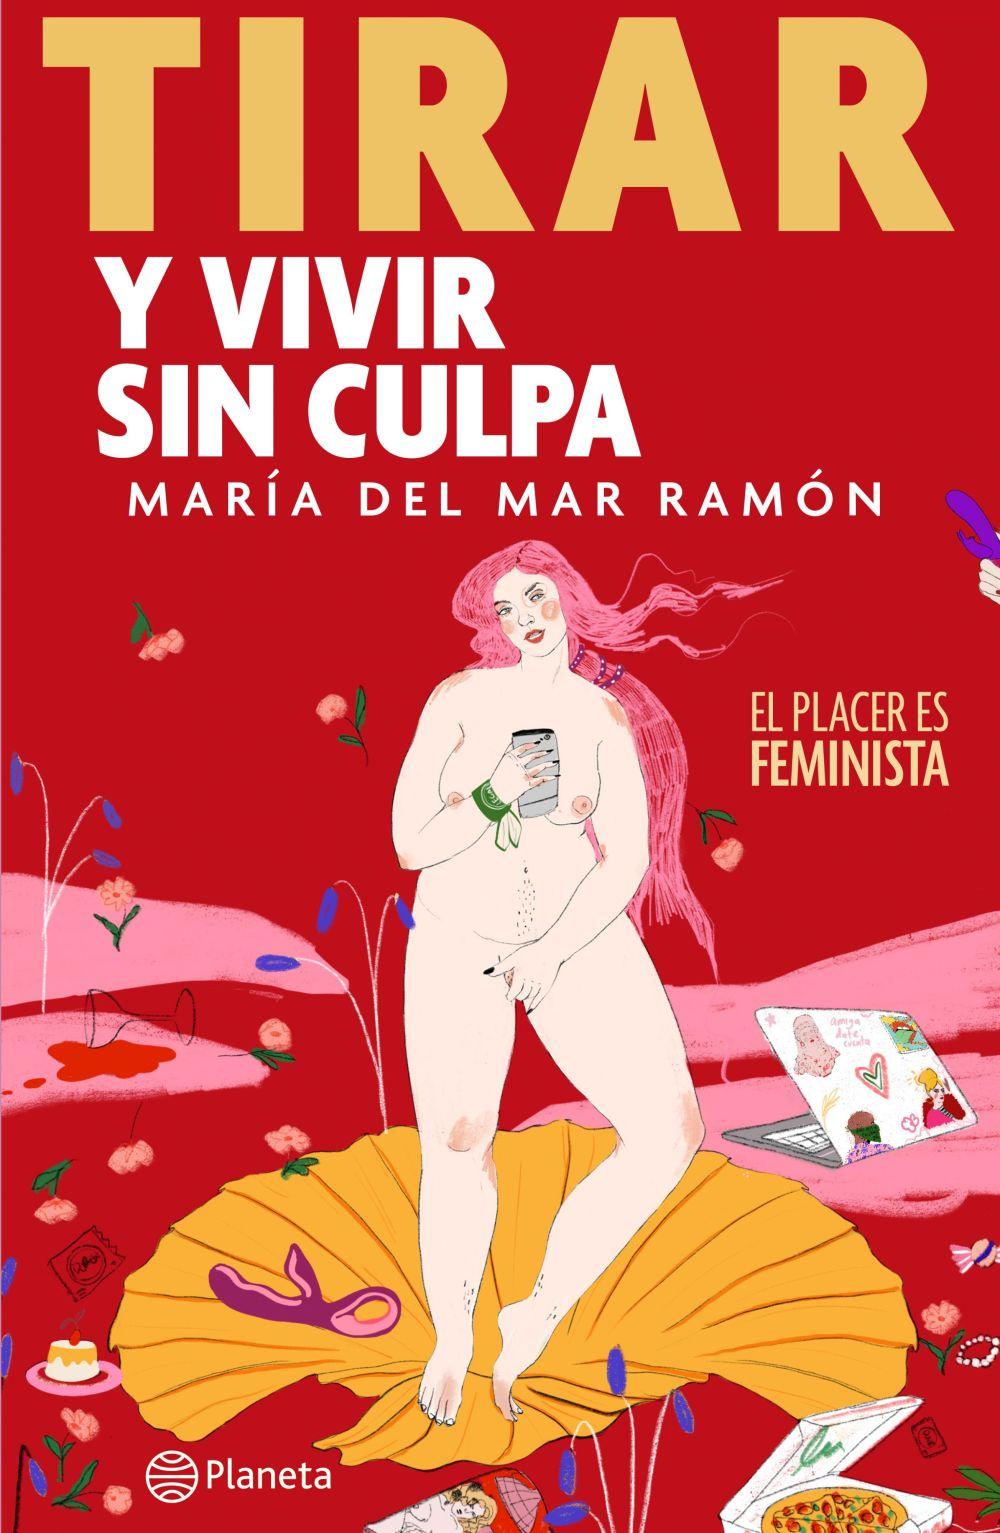 portada_tirar-y-vivir-sin-culpa_maria-del-mar-ramon_201907260358.jpg